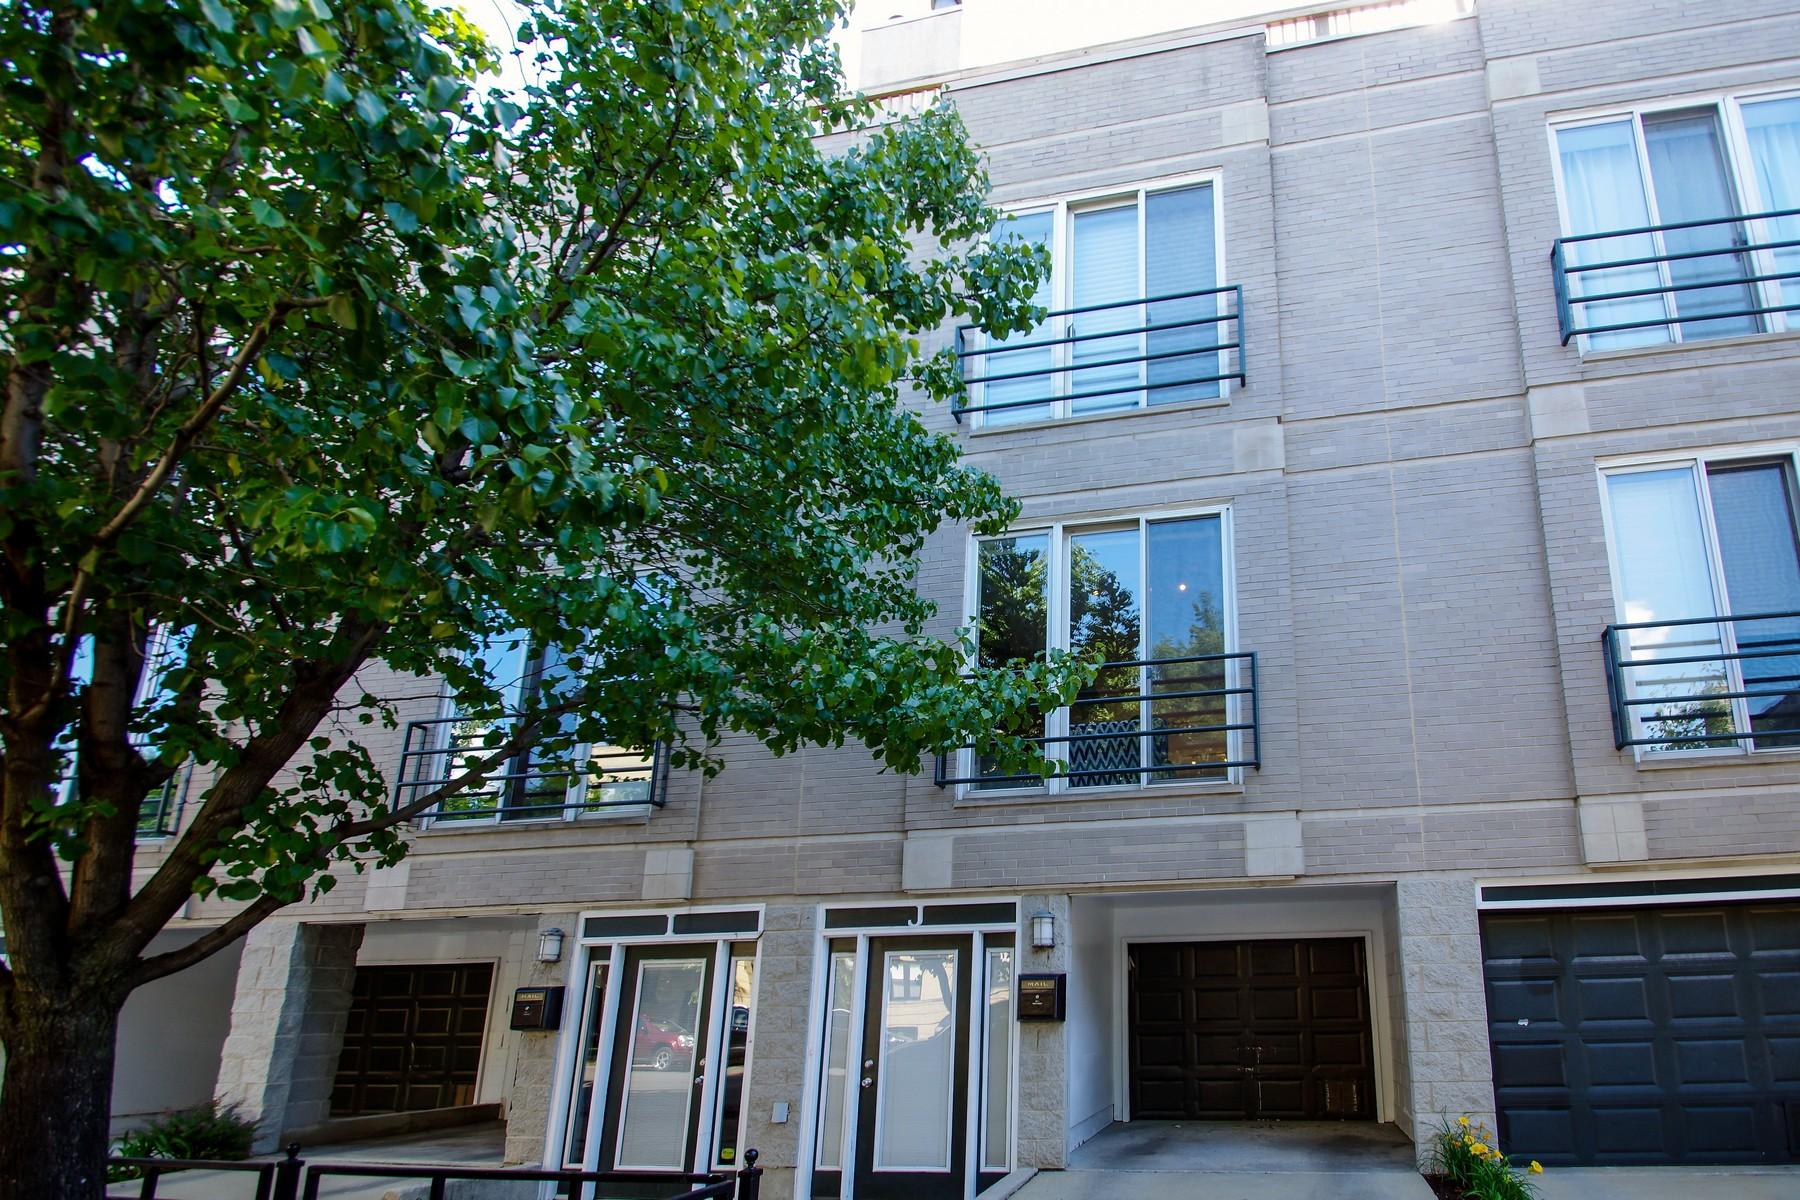 타운하우스 용 매매 에 Beautiful Brick Townhome 1157 W Newport Avenue Unit J Chicago, 일리노이즈, 60657 미국